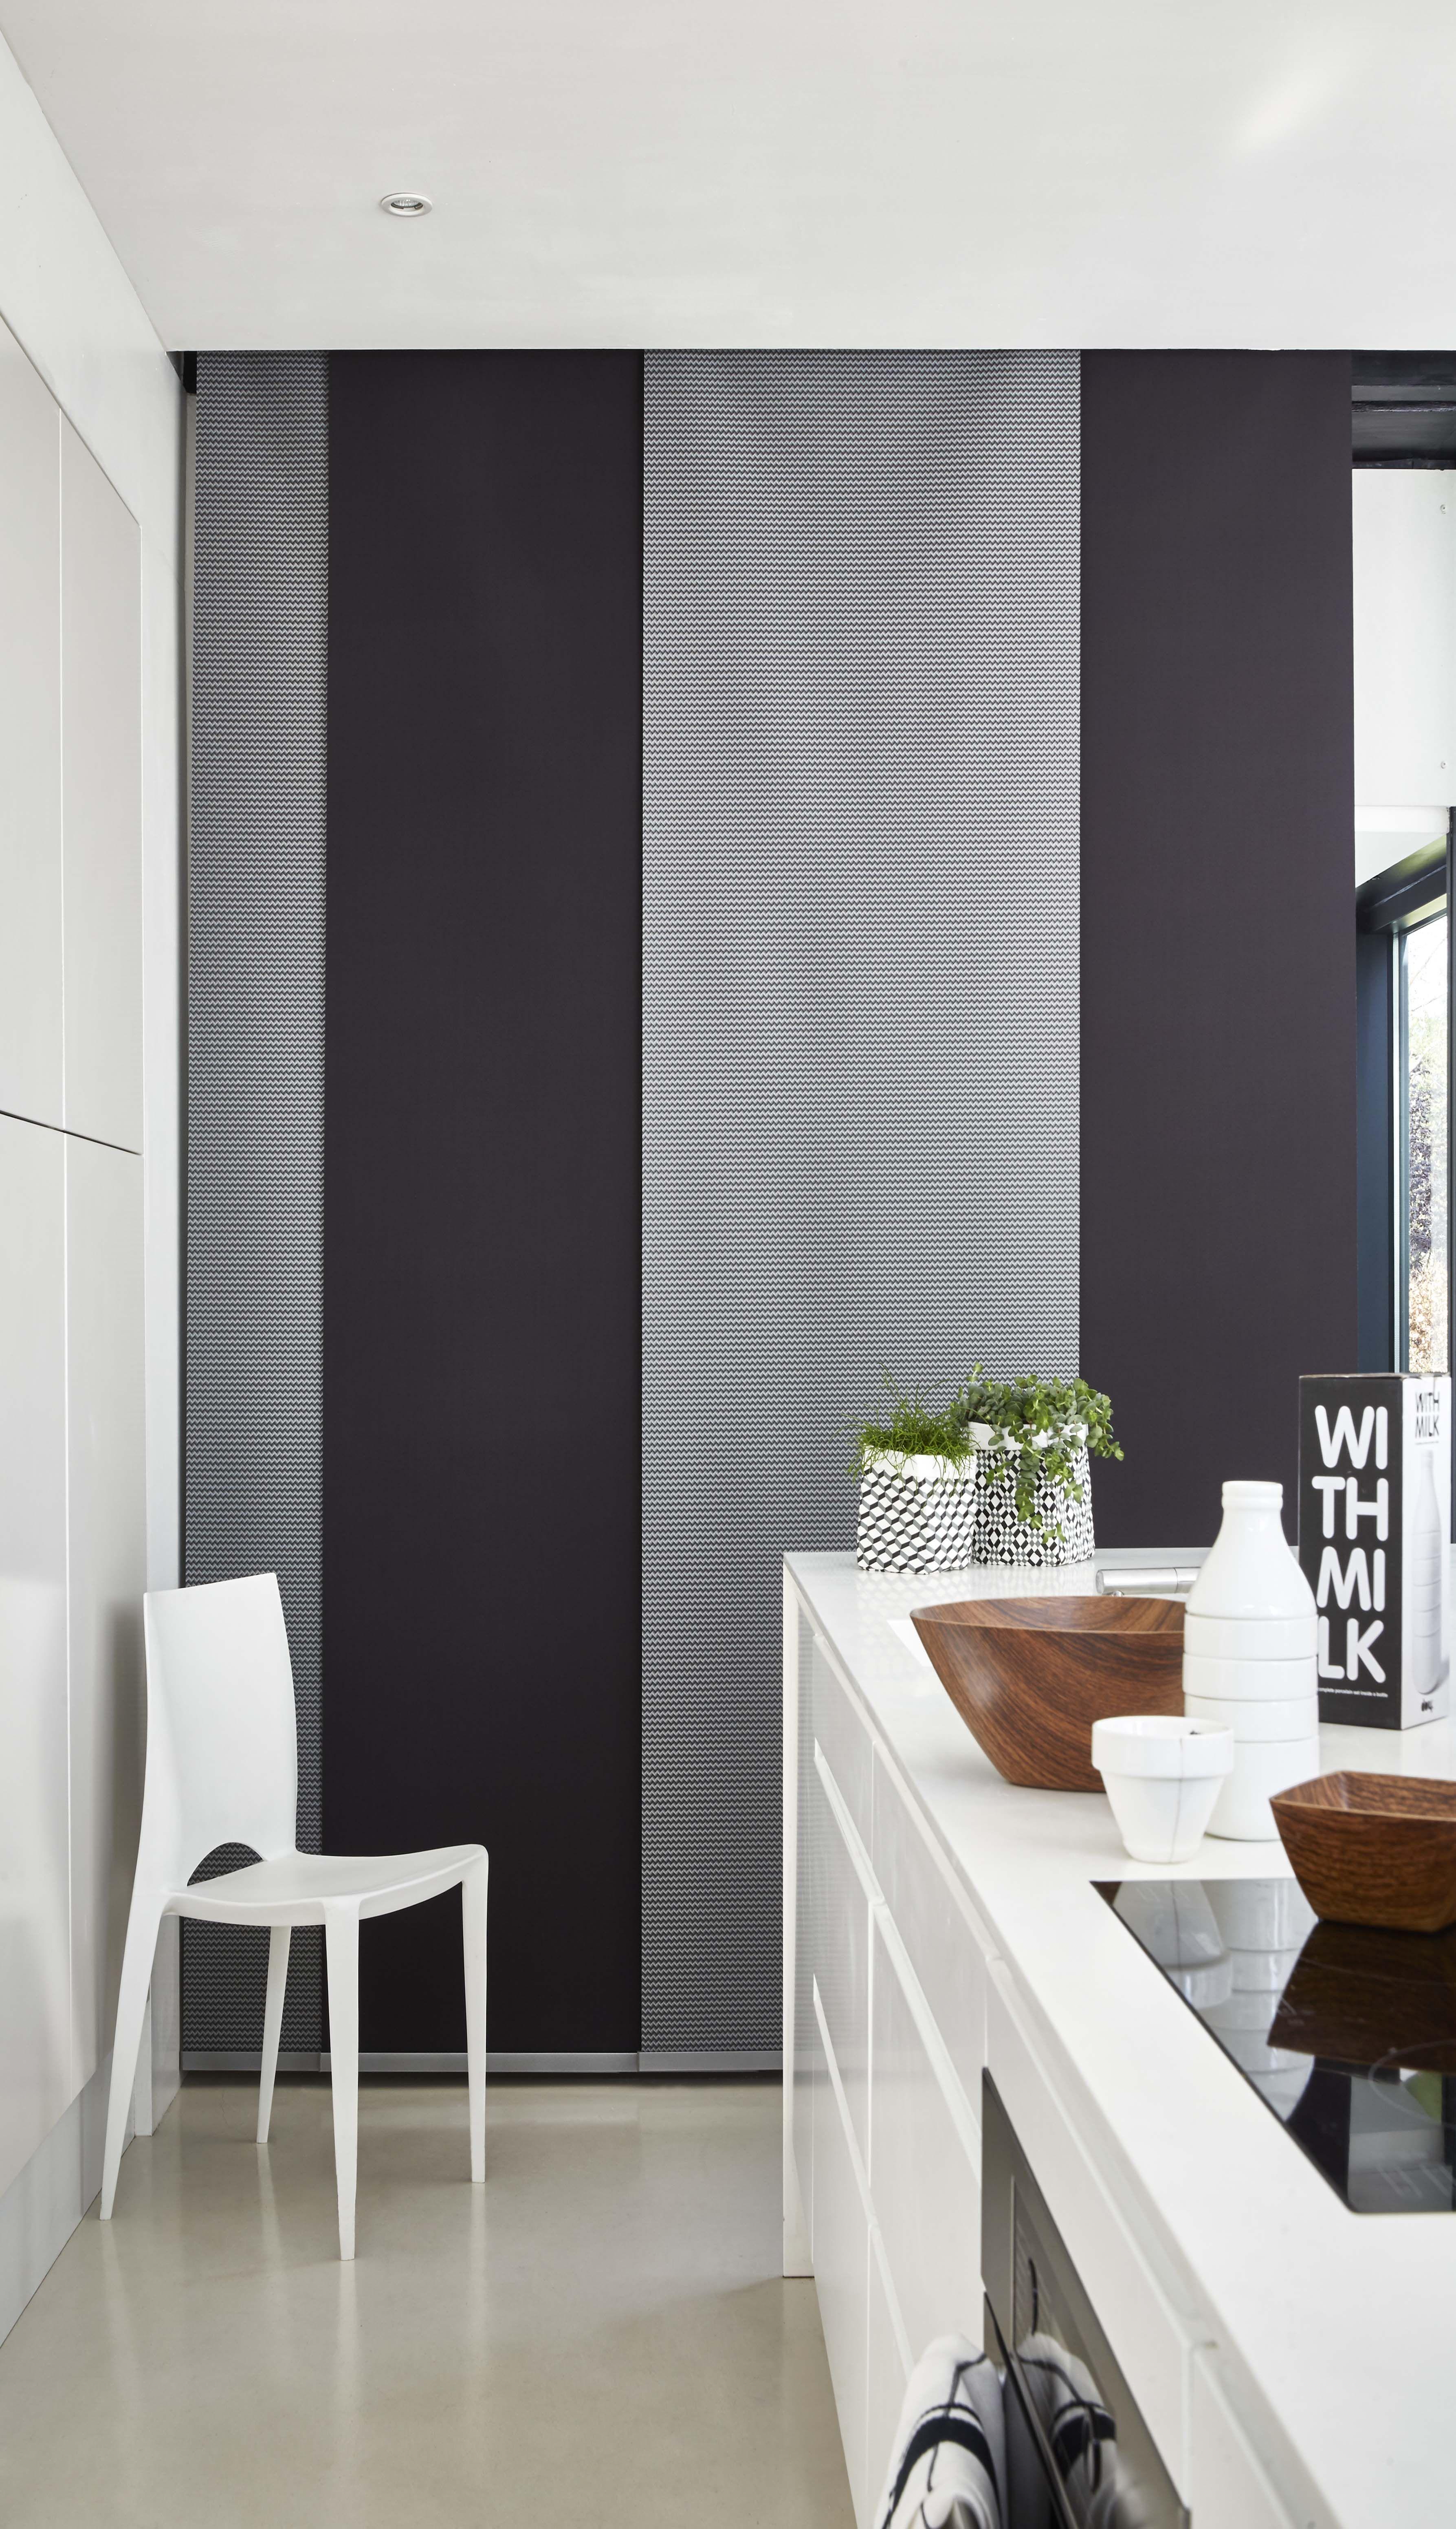 chez vous window. Black Bedroom Furniture Sets. Home Design Ideas